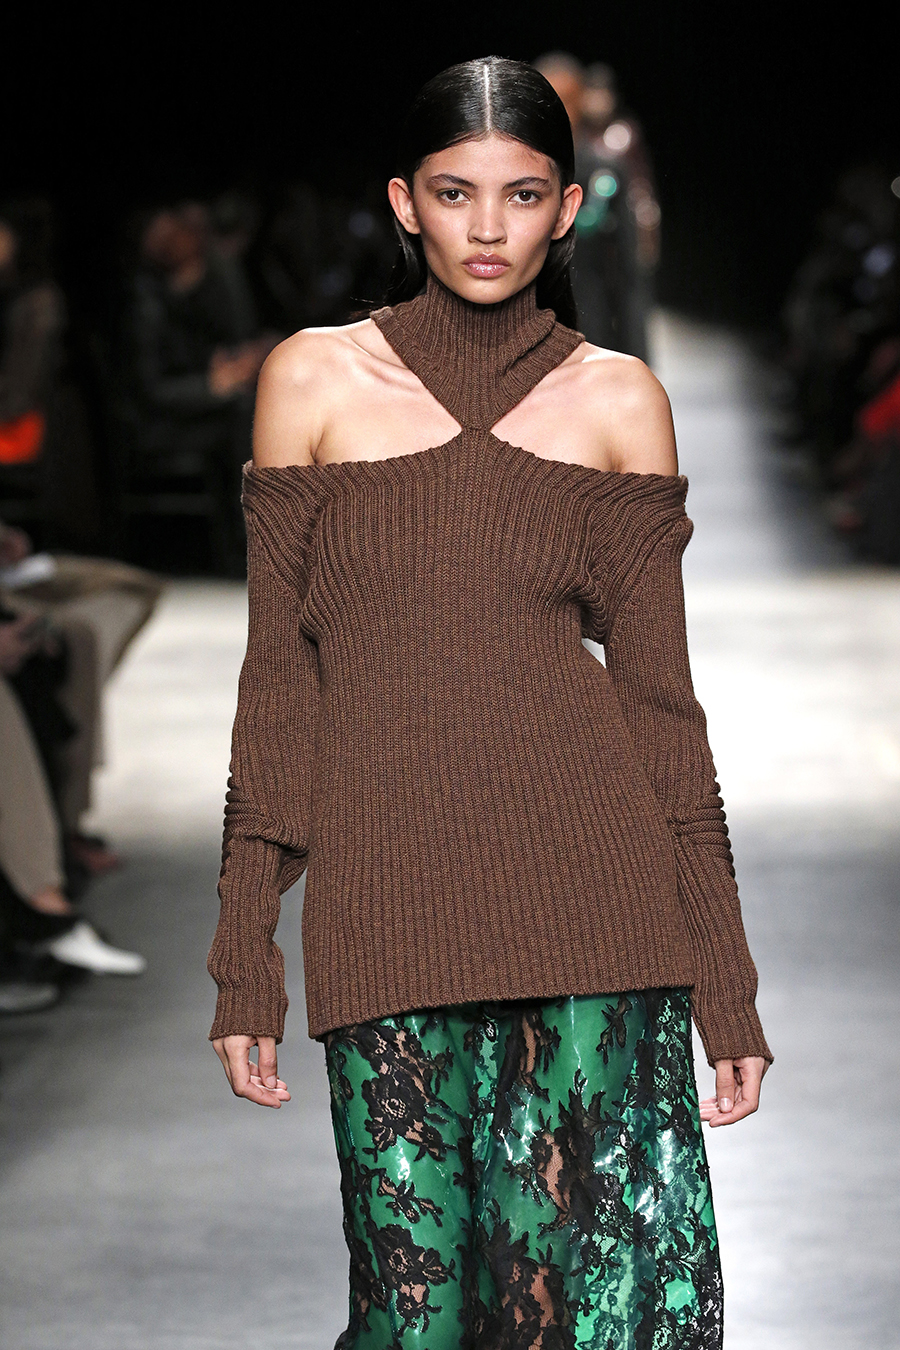 модный свитер с голыми обнаженными открытыми плечами осень зима 2020 2021 коричневый